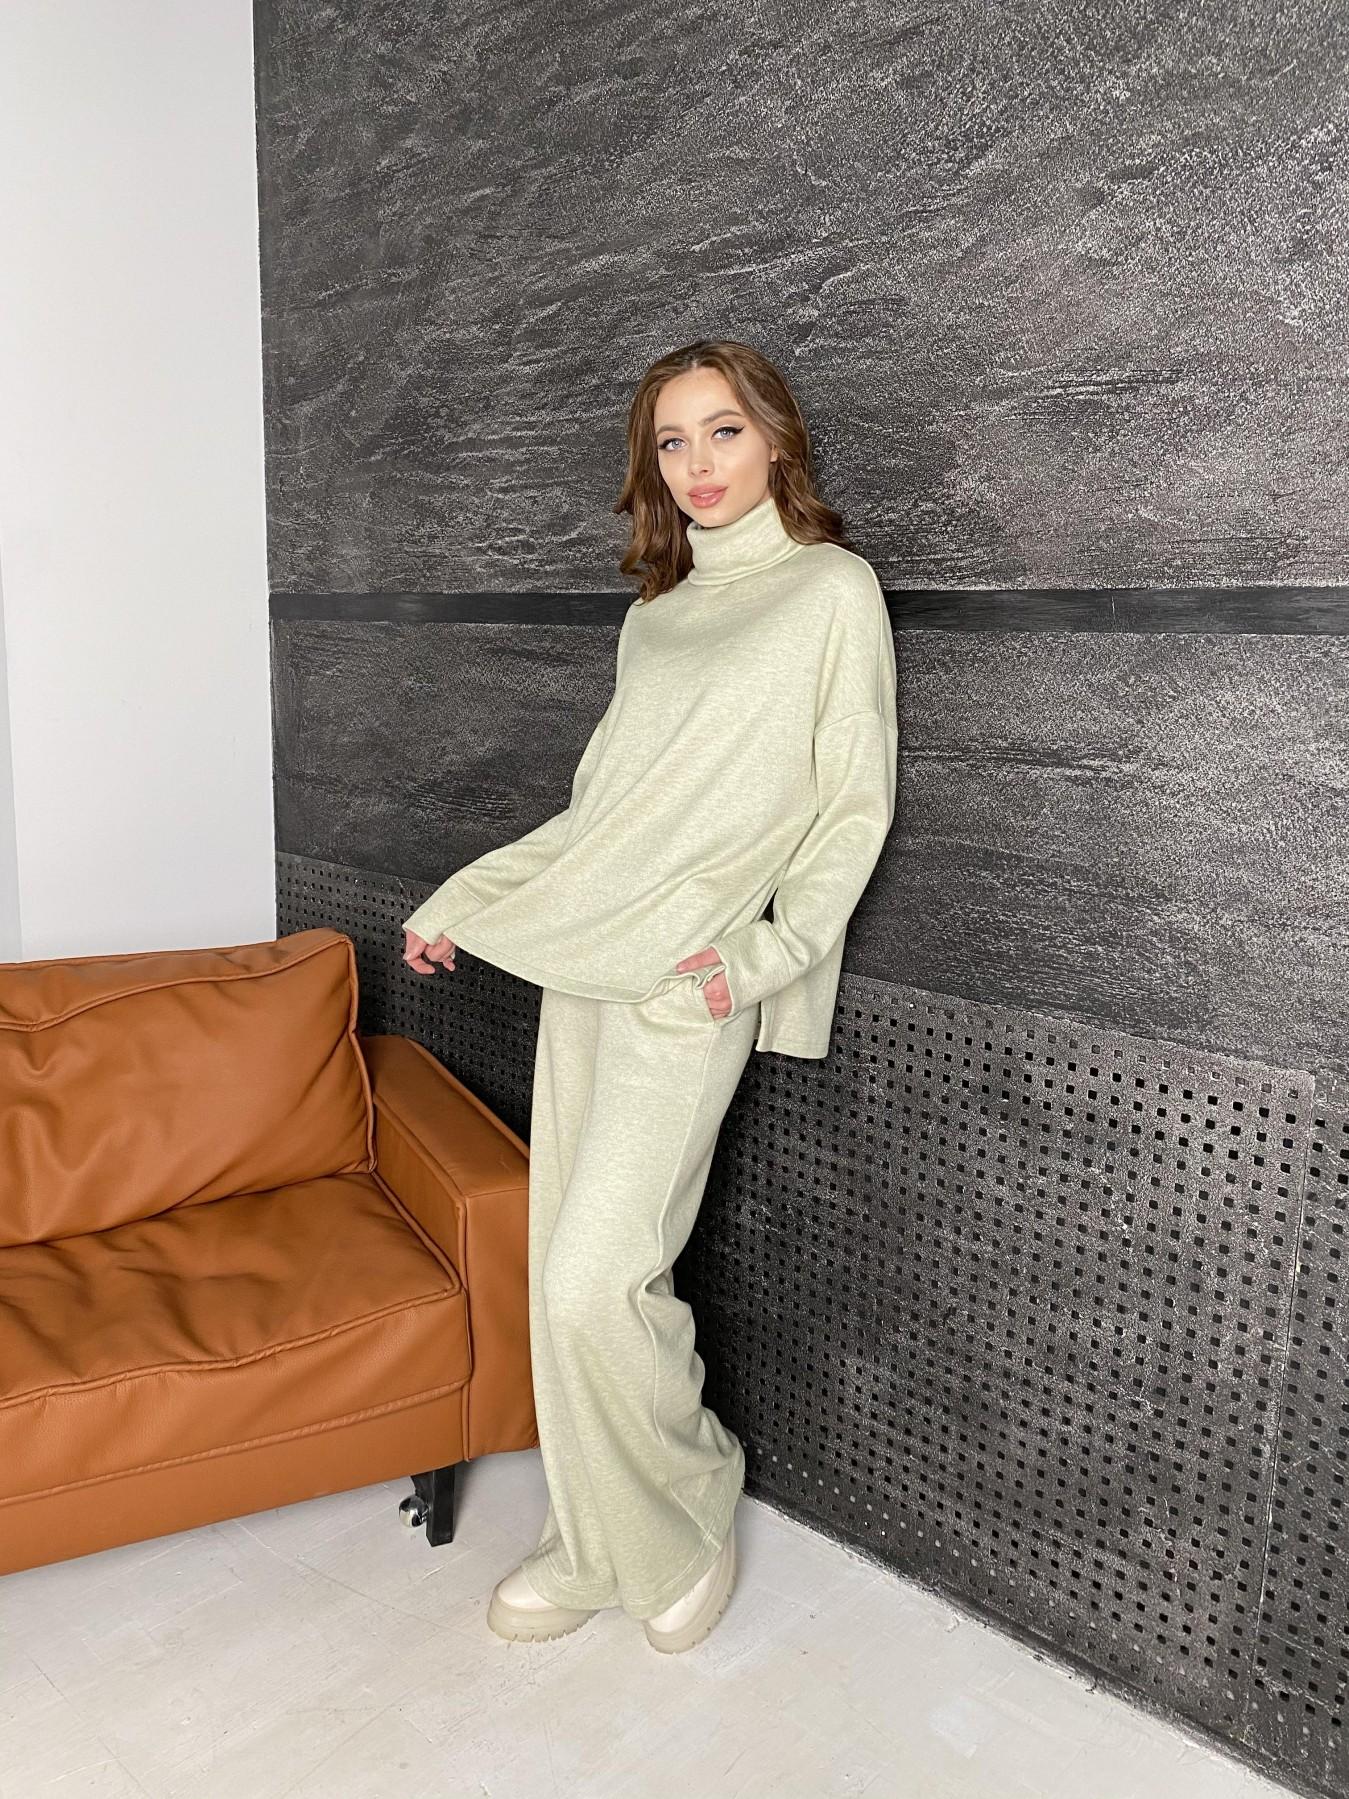 Лав Ю костюм из ангоры 10531 АРТ. 46873 Цвет: Фисташковый - фото 1, интернет магазин tm-modus.ru